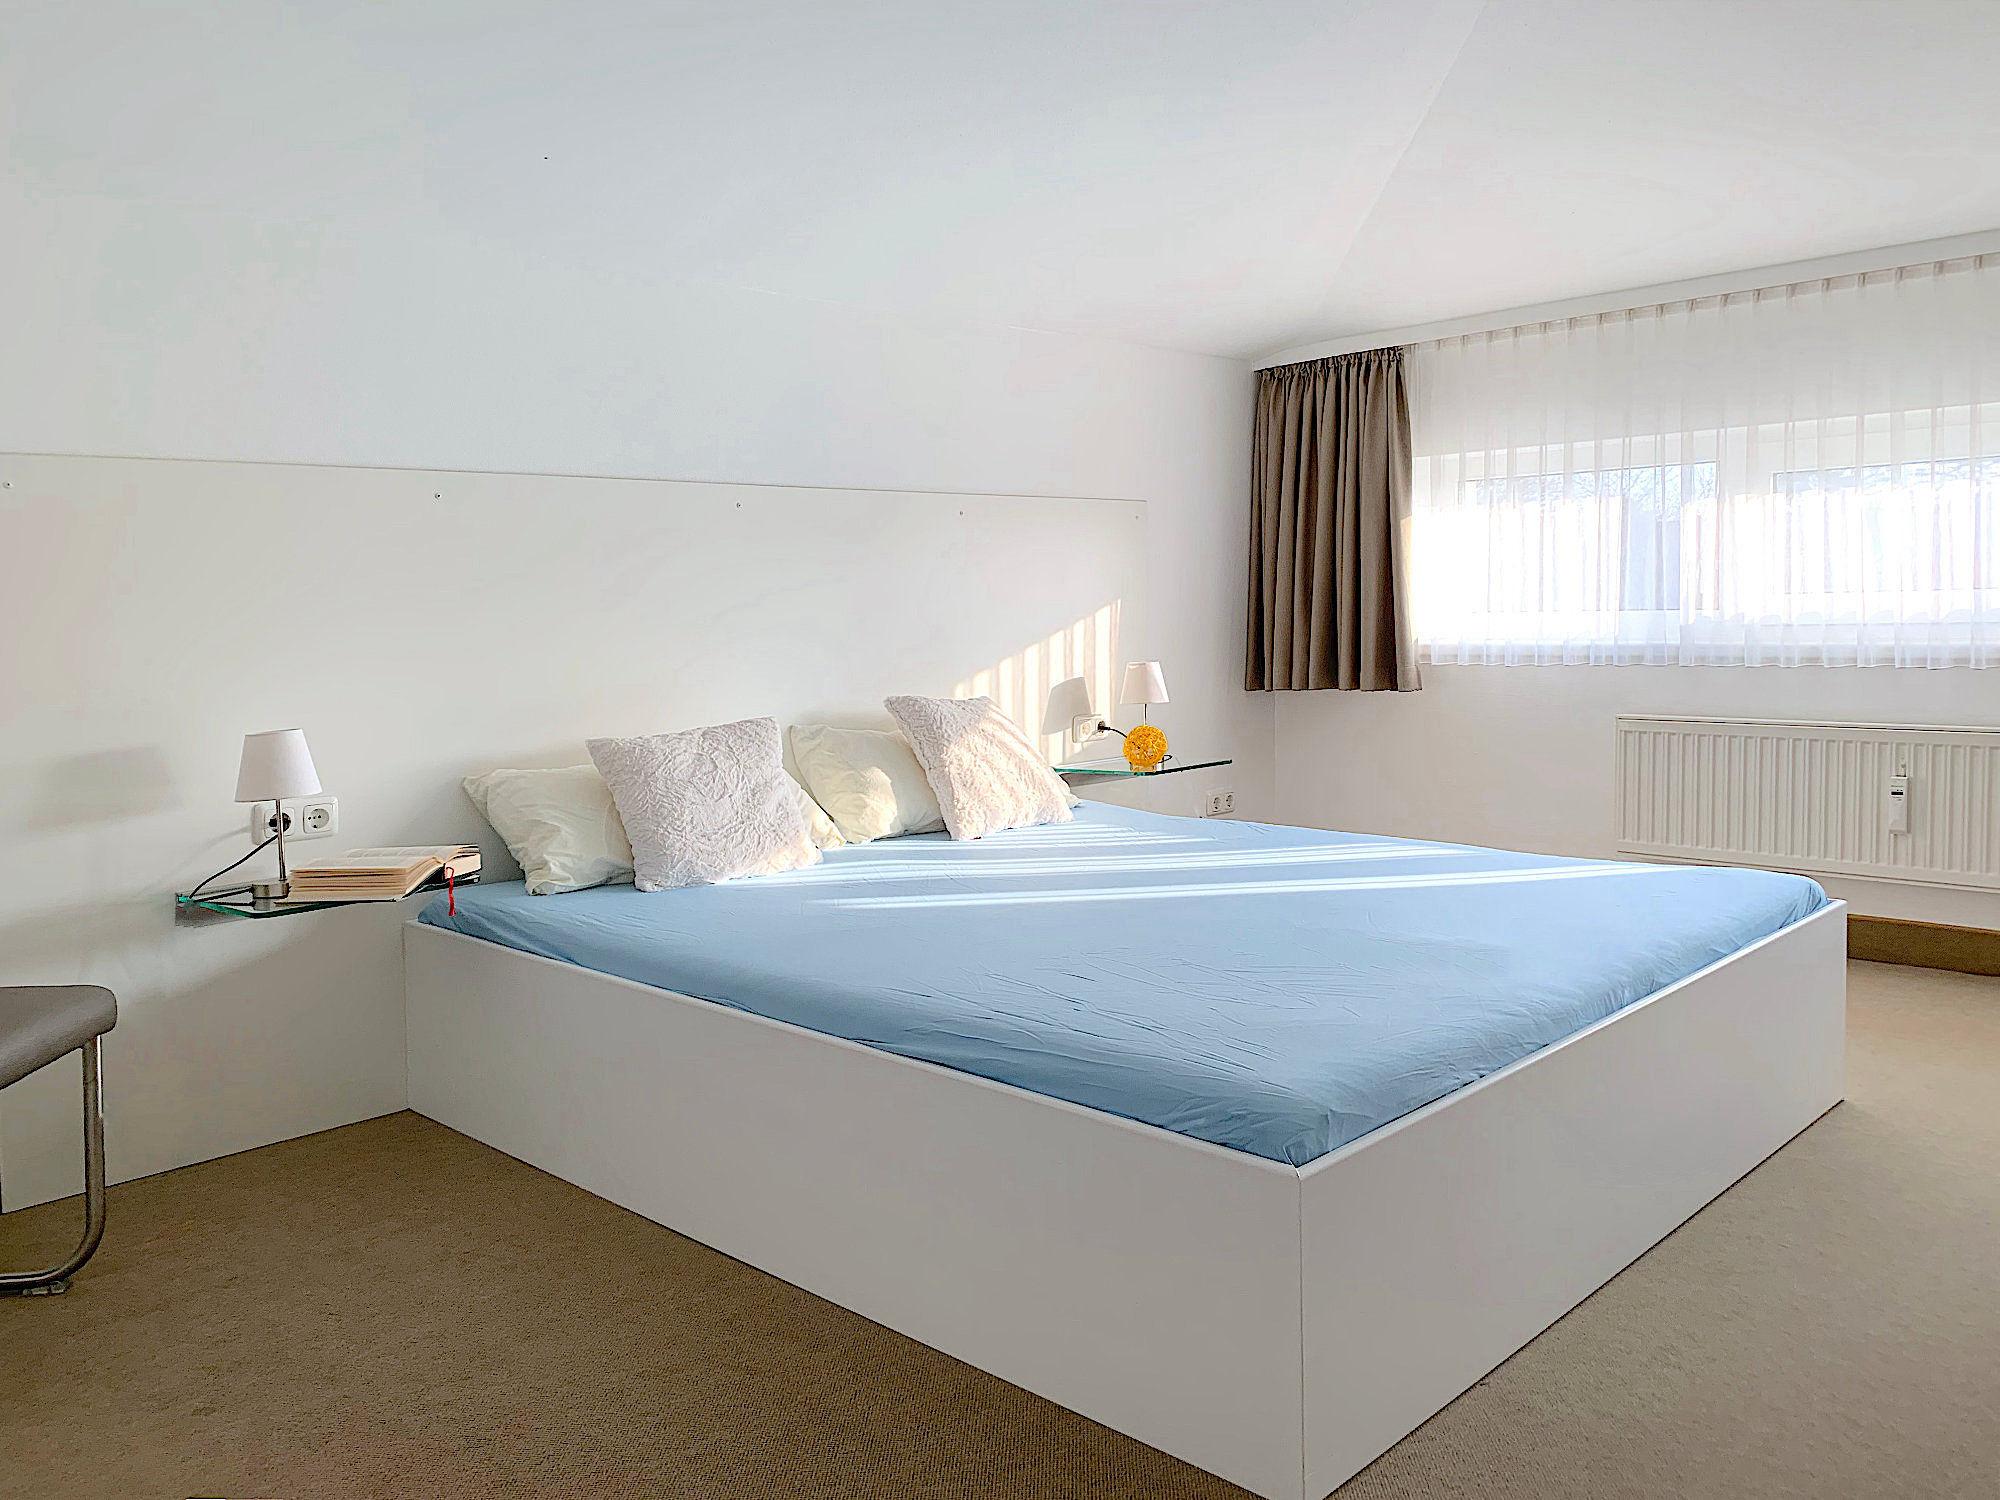 Schlafzimmer mit Doppelbett, im Hintergrund ein breites Fenster